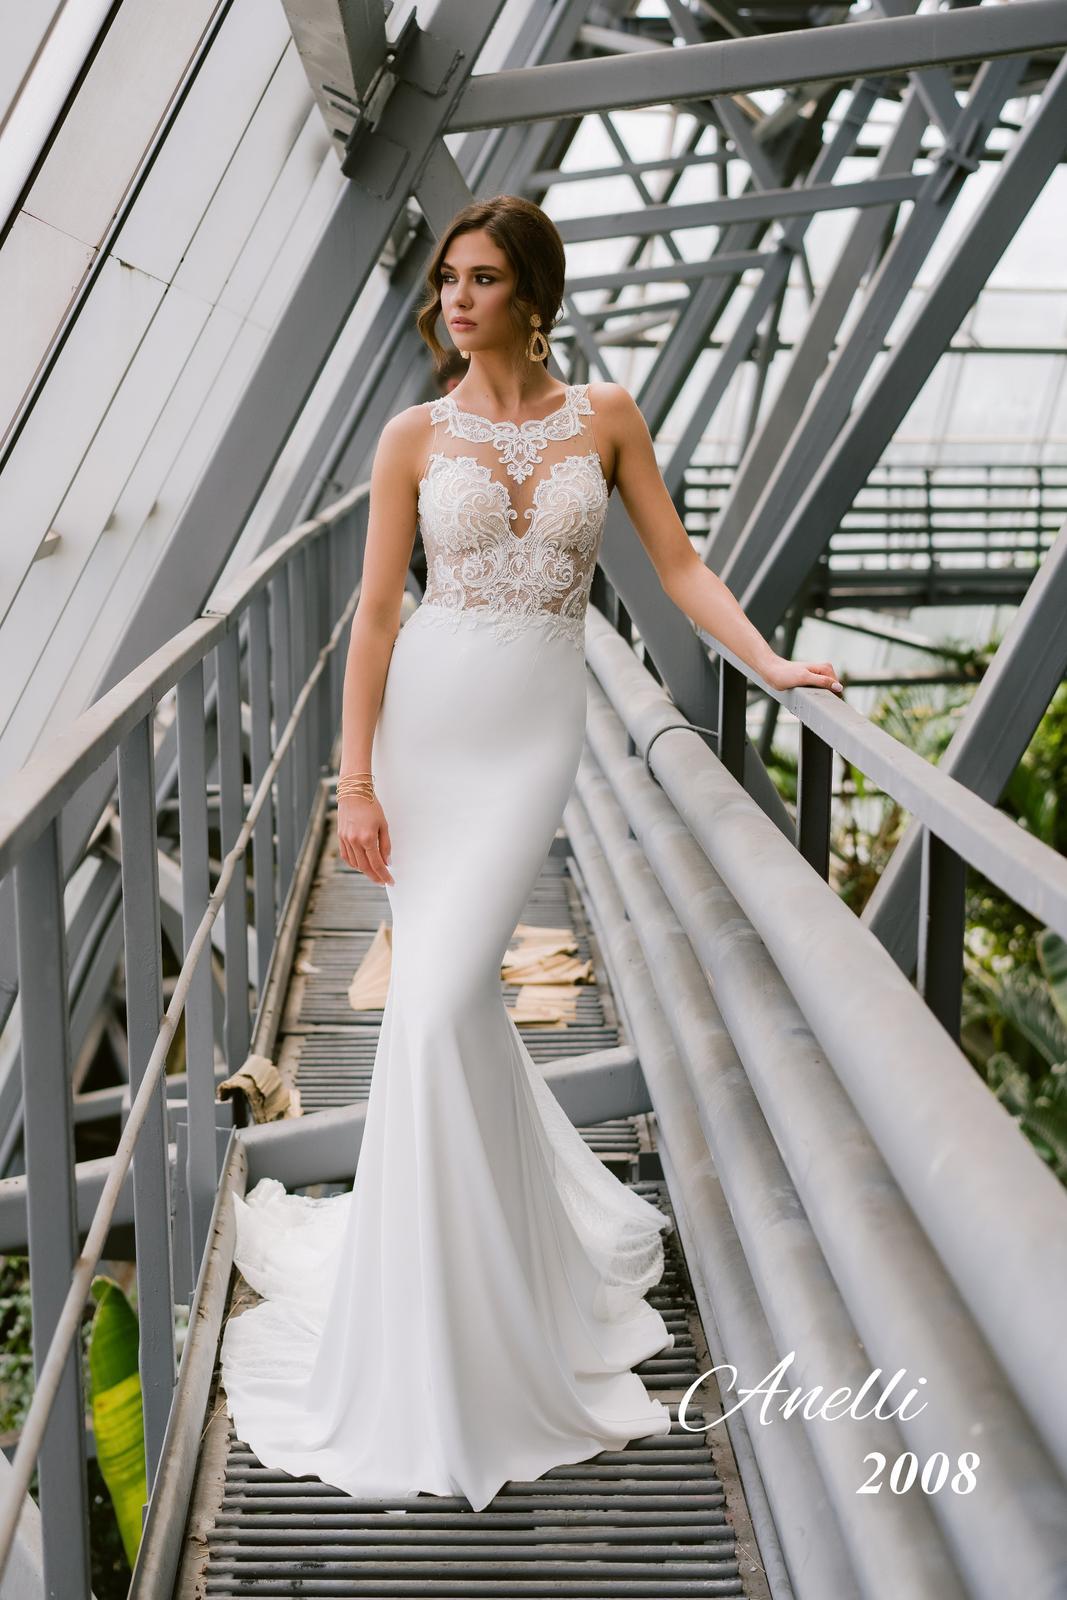 Svadobné šaty - Breeze 2008 - Obrázok č. 1